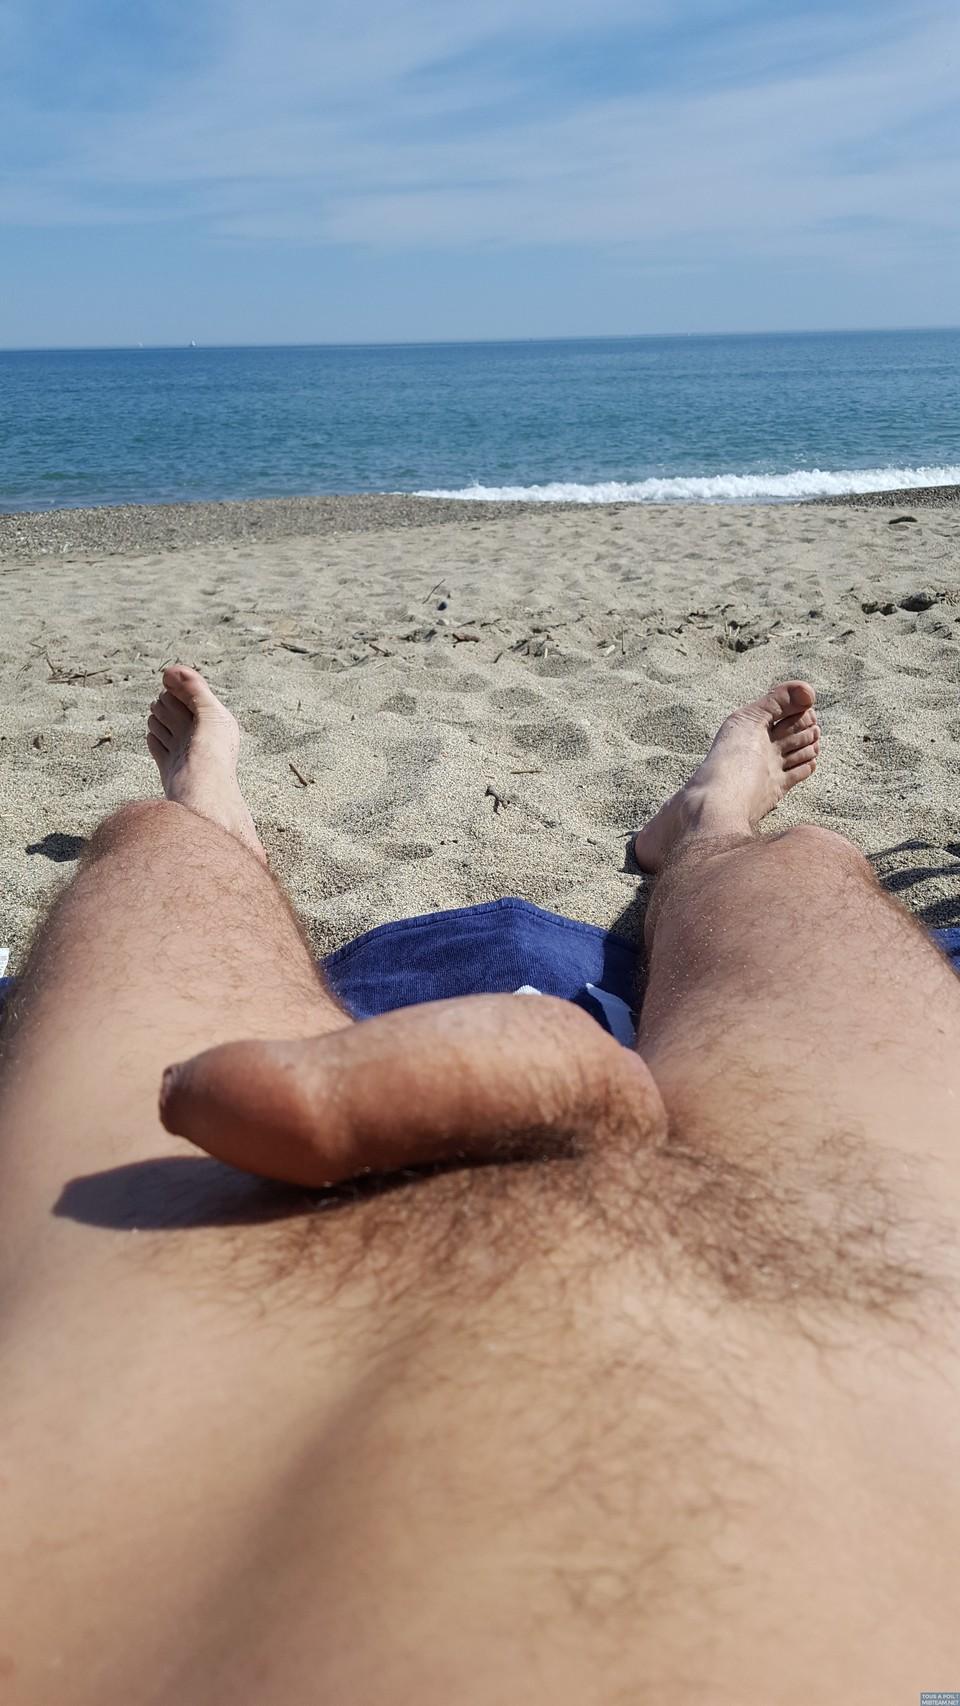 c'est bon d'être à poil à la plage